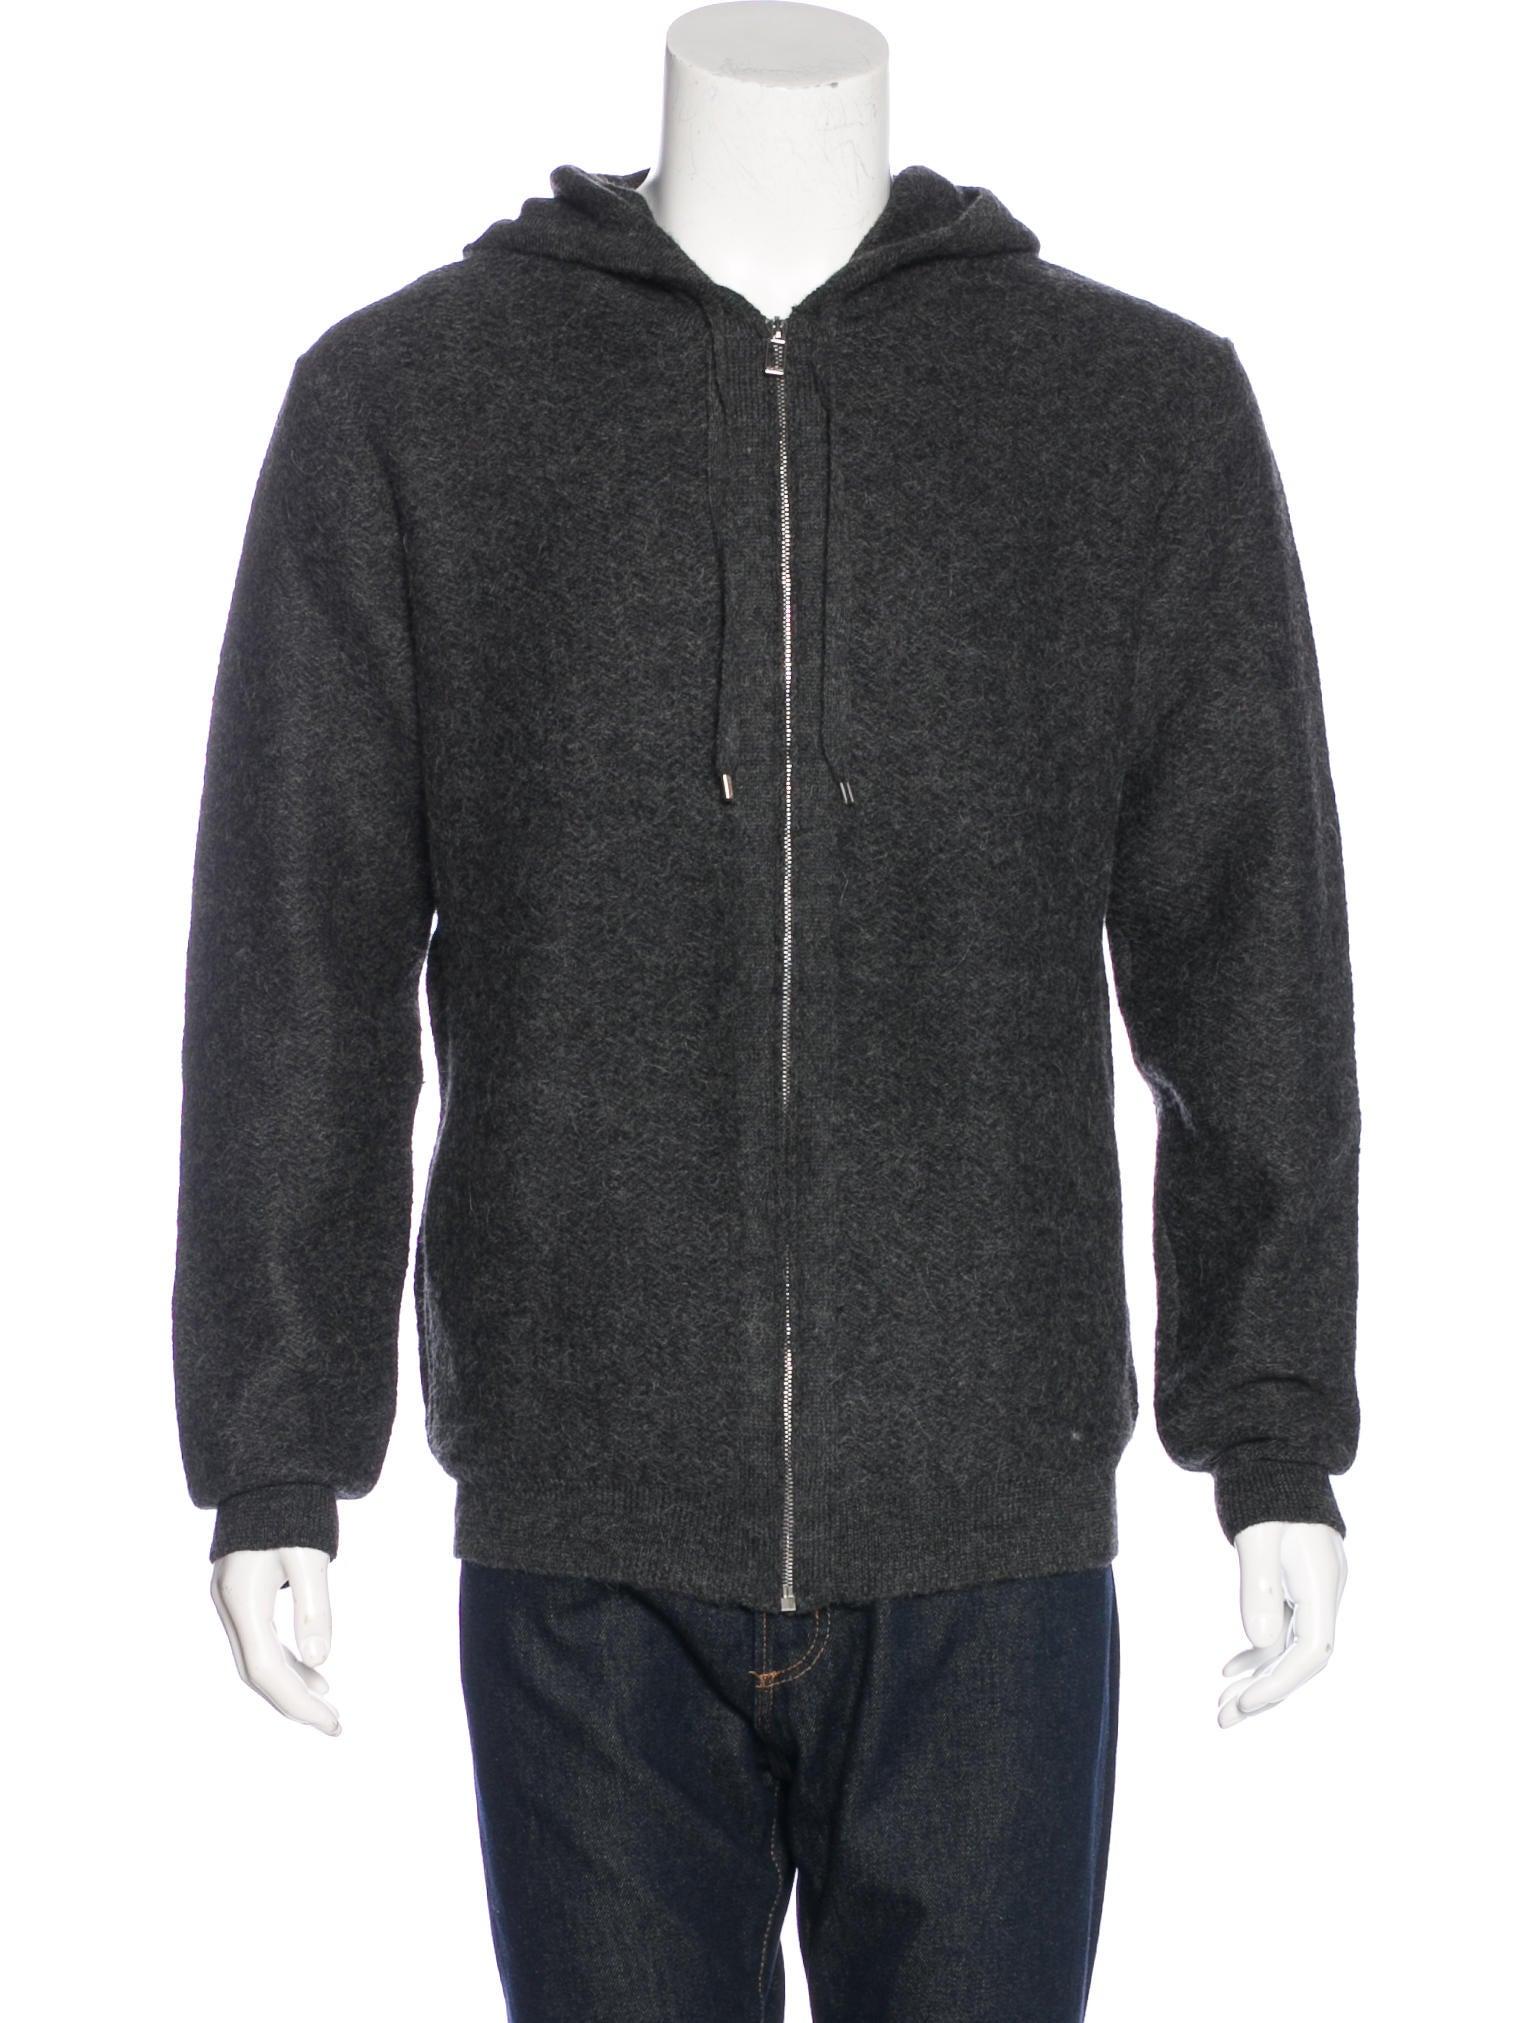 Alpaca hoodies